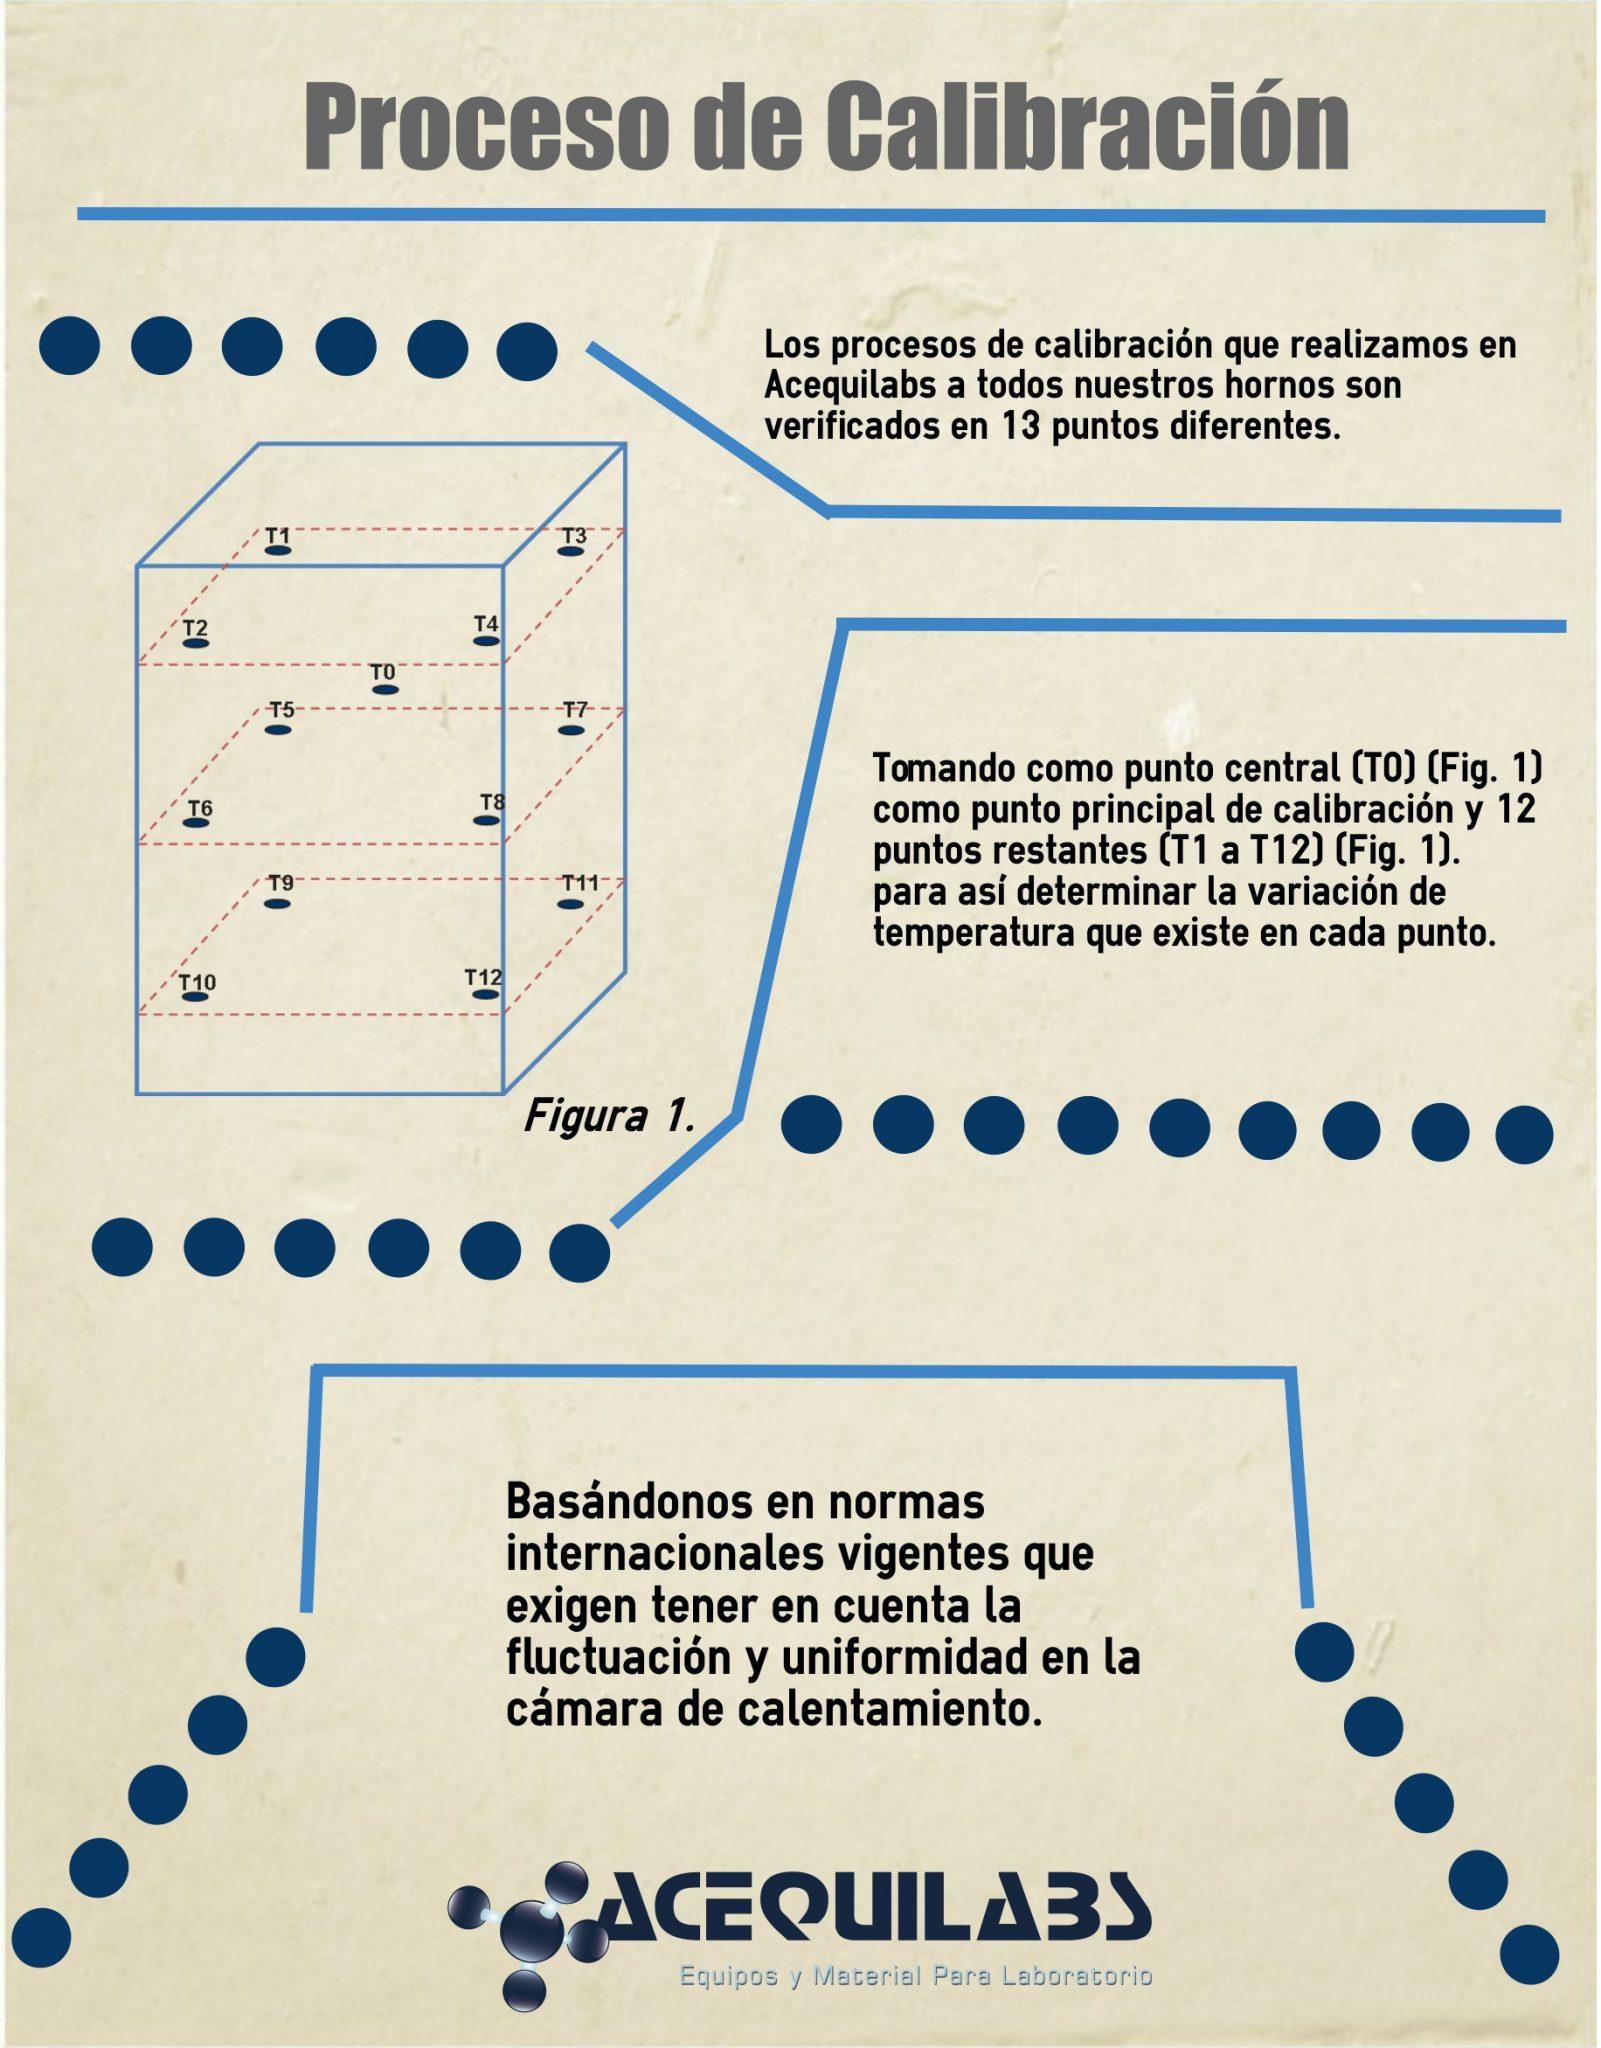 Infografía Procesos de Calibración